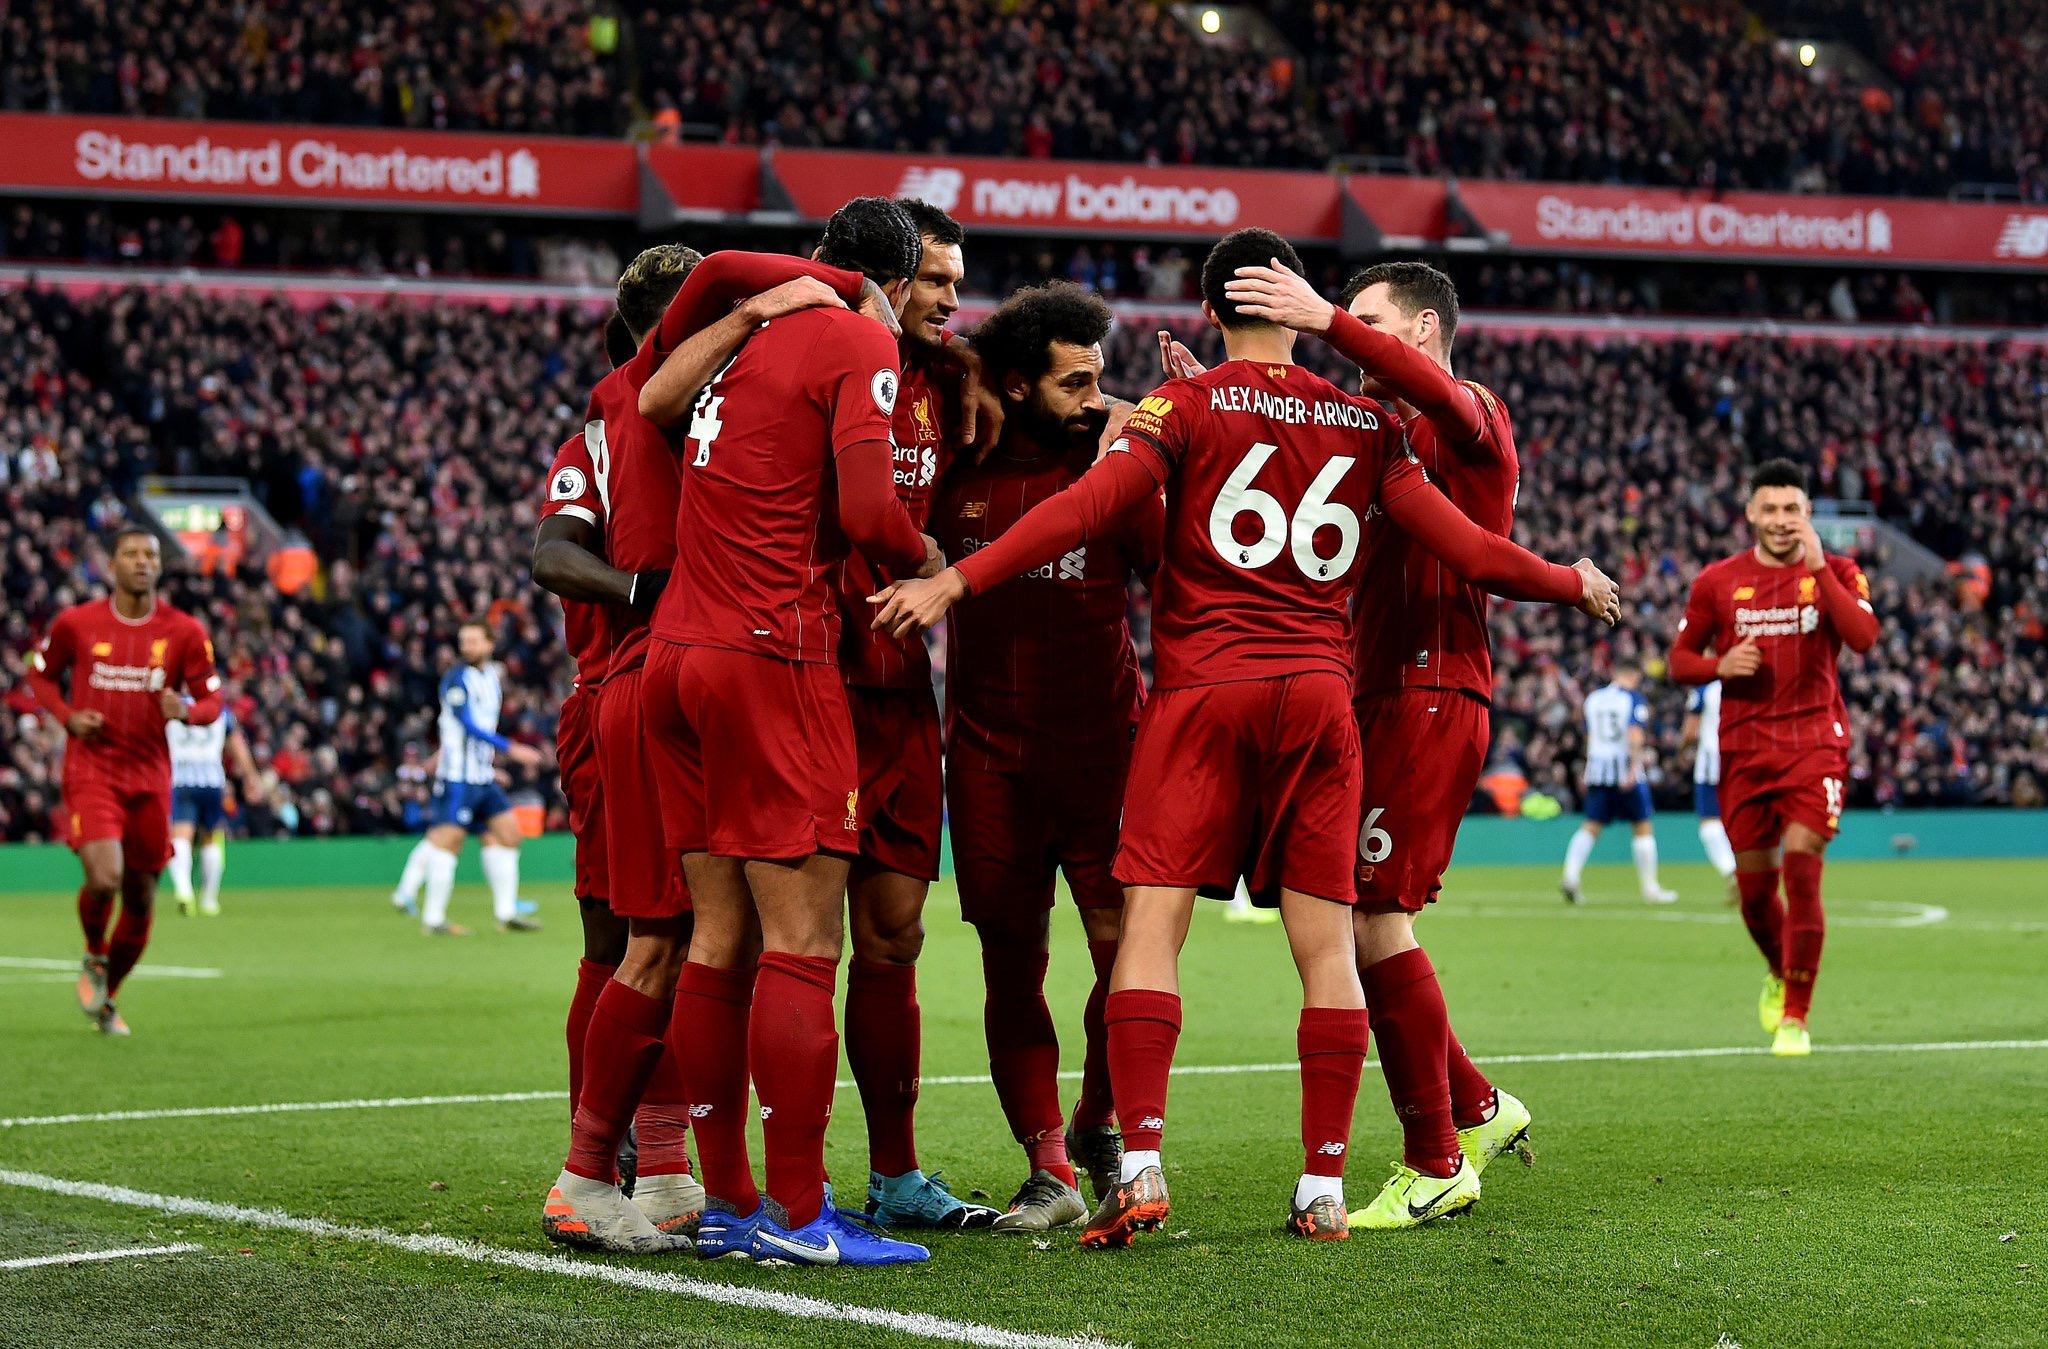 #PremierLeague - Liverpool prend le large en s'imposant contre Brighton (2-1)